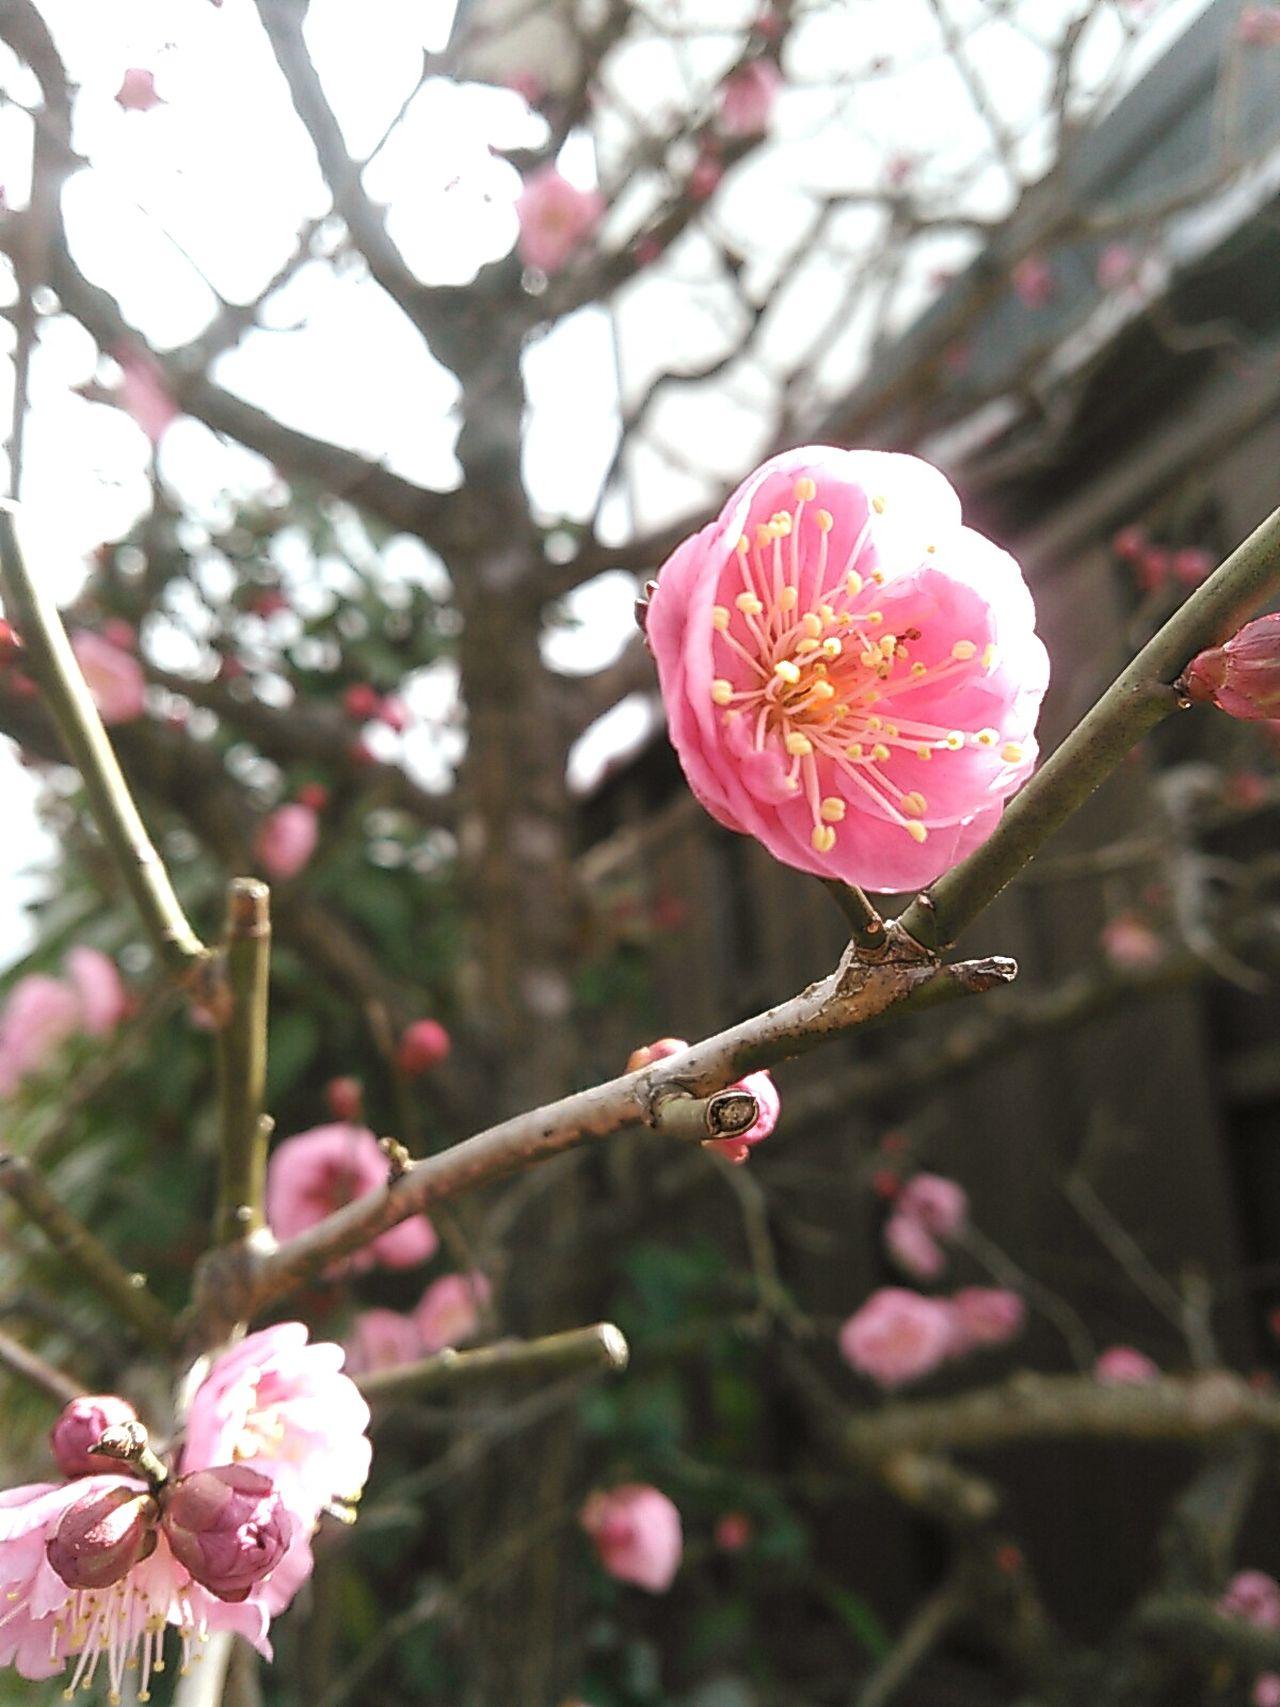 桃色の梅。 京都 Kyoto 花 Flowers 花木 梅 桃梅 Japanese Plum Blossom Pink Pink Flower 春 Spring Flowers